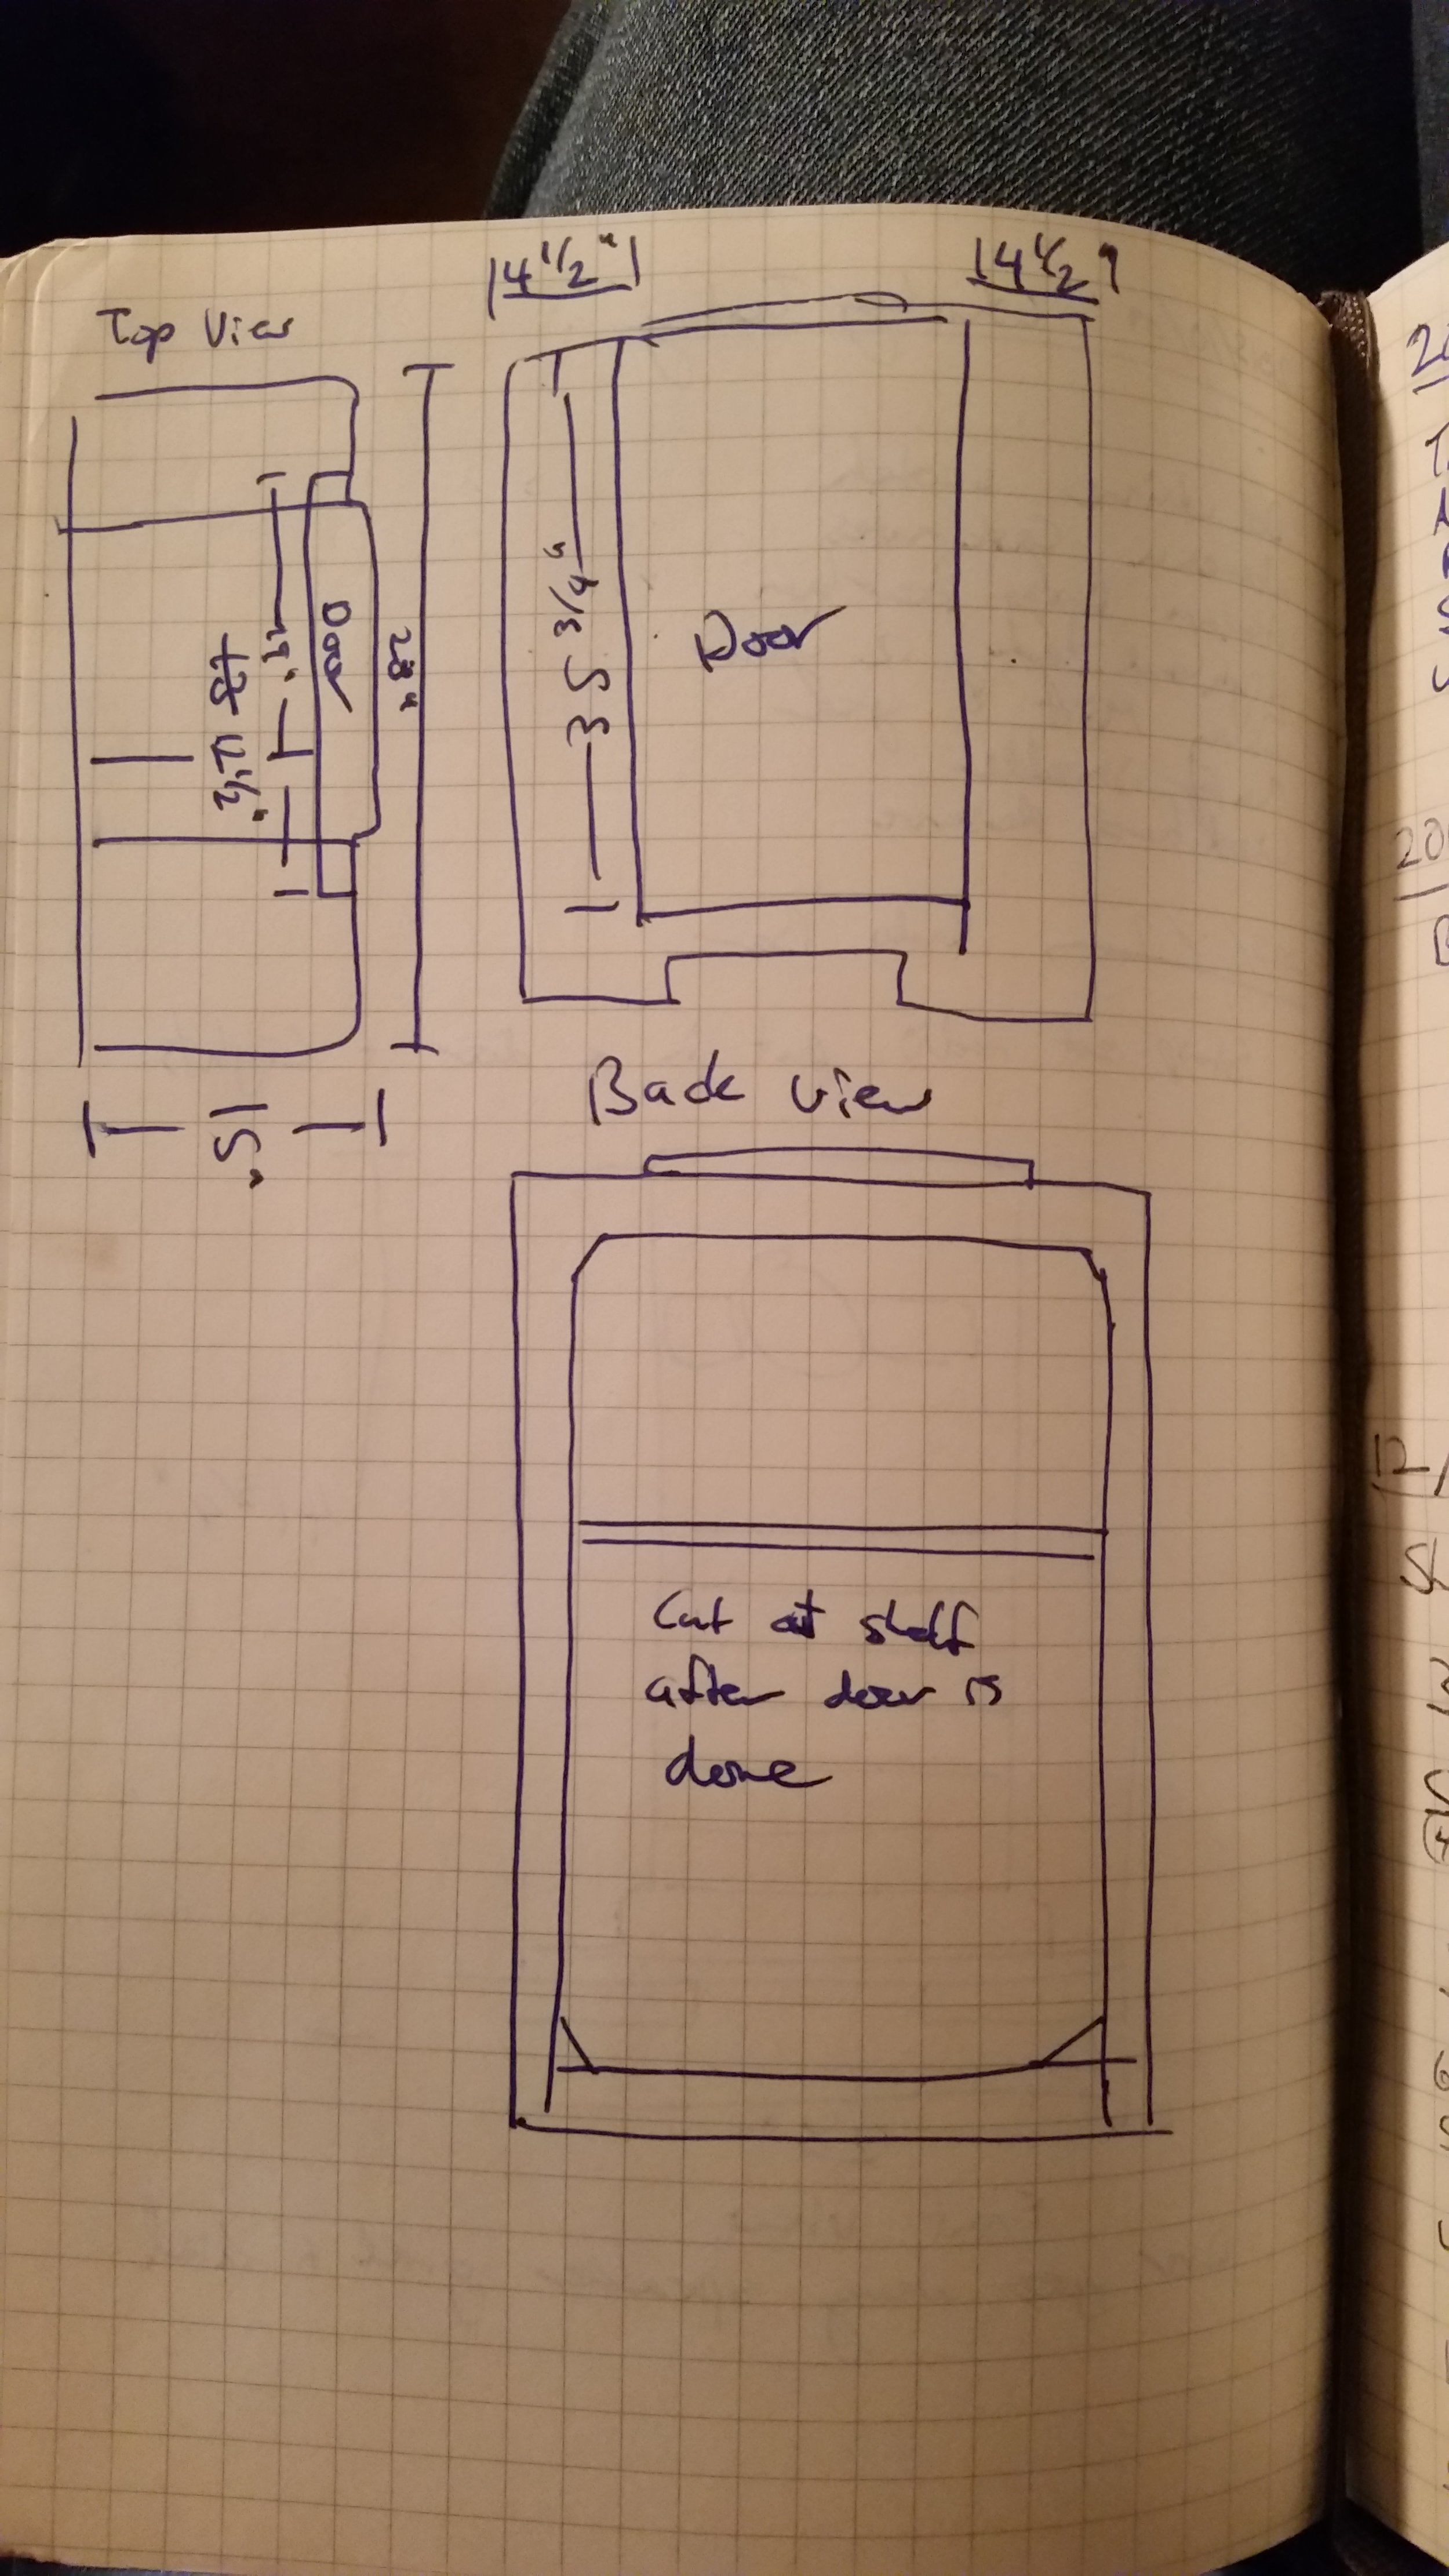 Radio bar door measurements